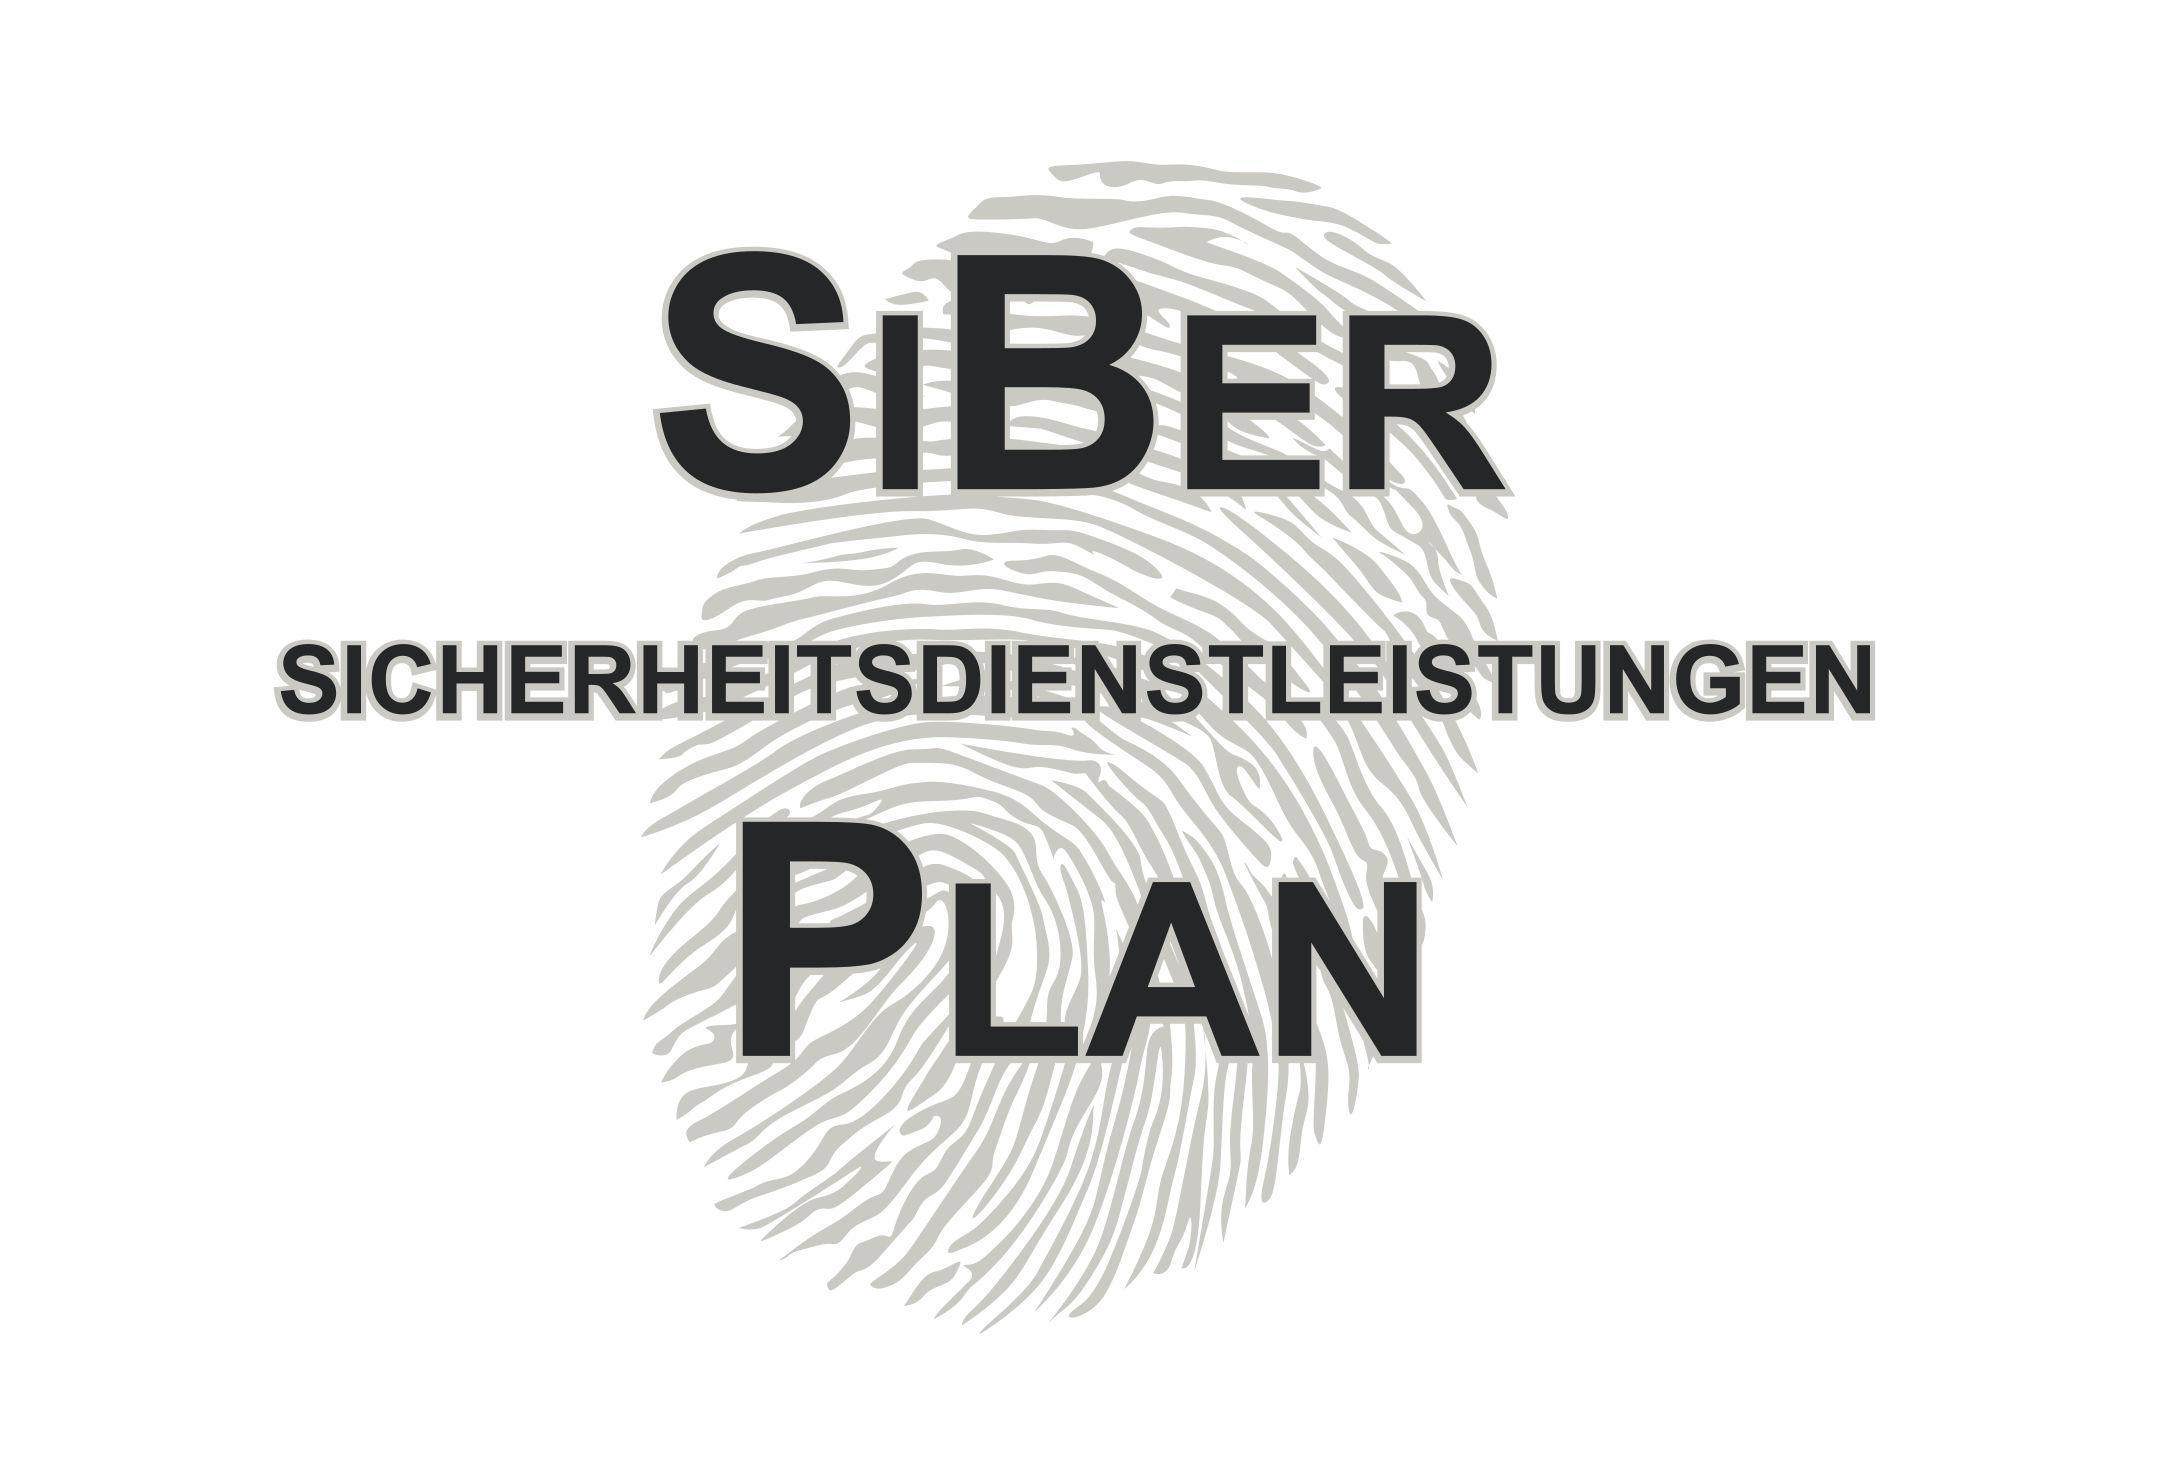 Logo der Firma SiberPlan Sicherheitsdienstleistungen